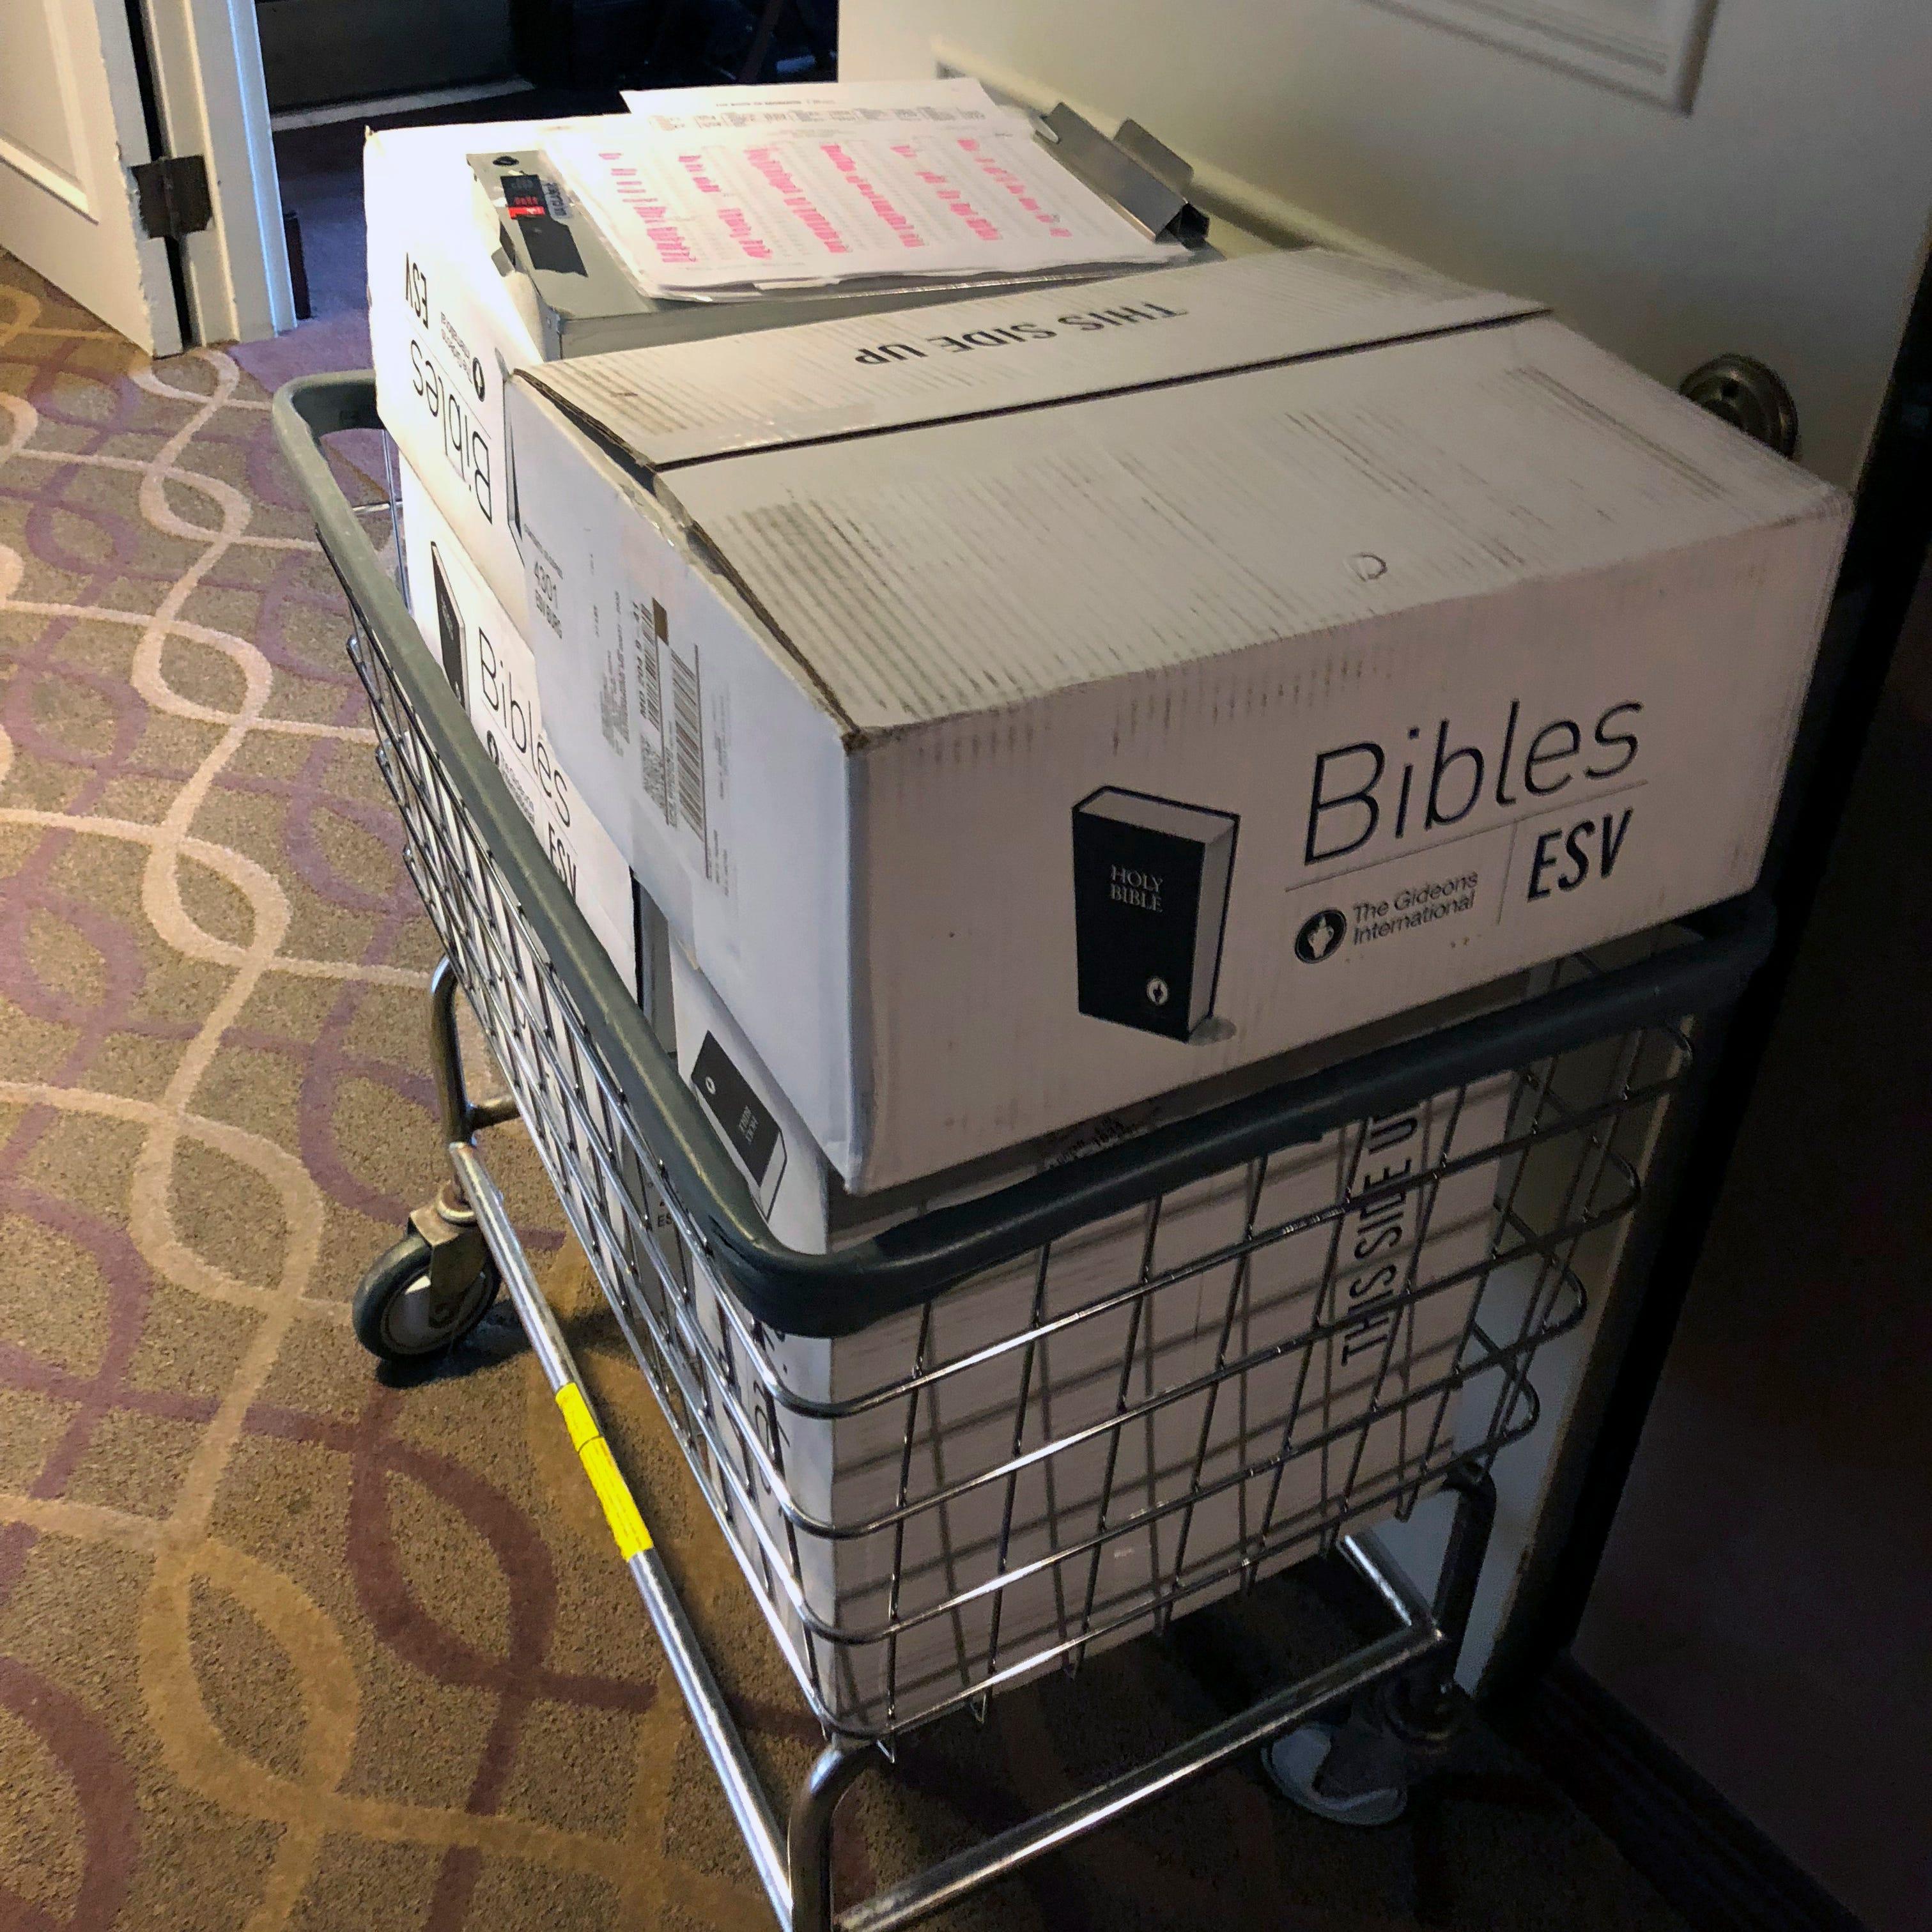 New Marriott rooms to get Bible, Book of Mormon